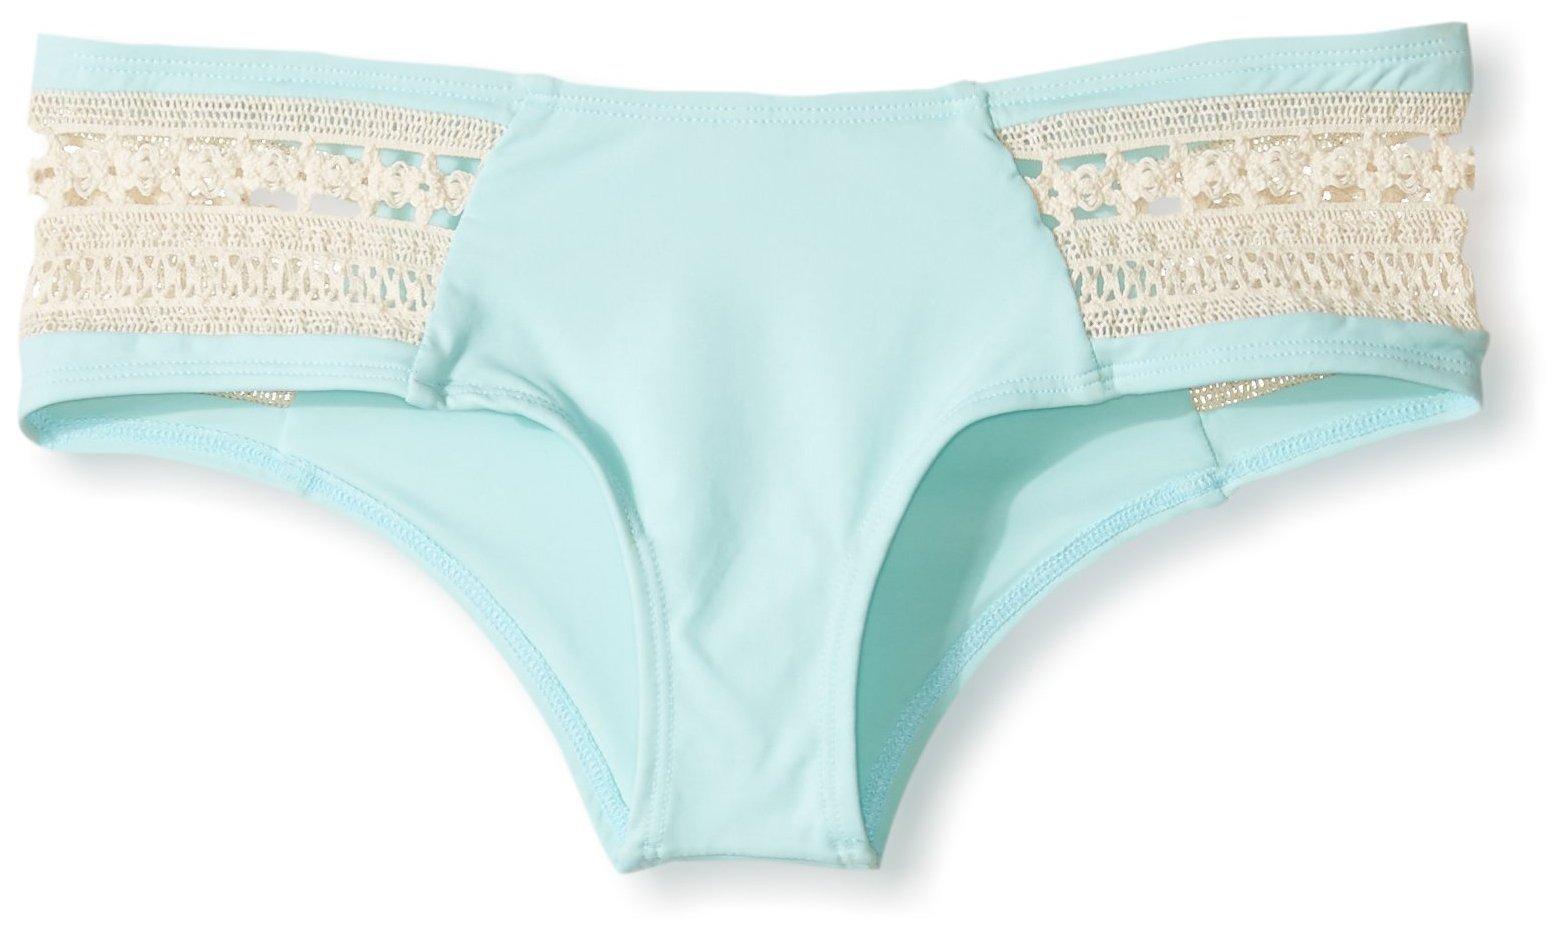 LSpace Women's Boho Classic Cut Bikini Bottom, Seaglass, XS